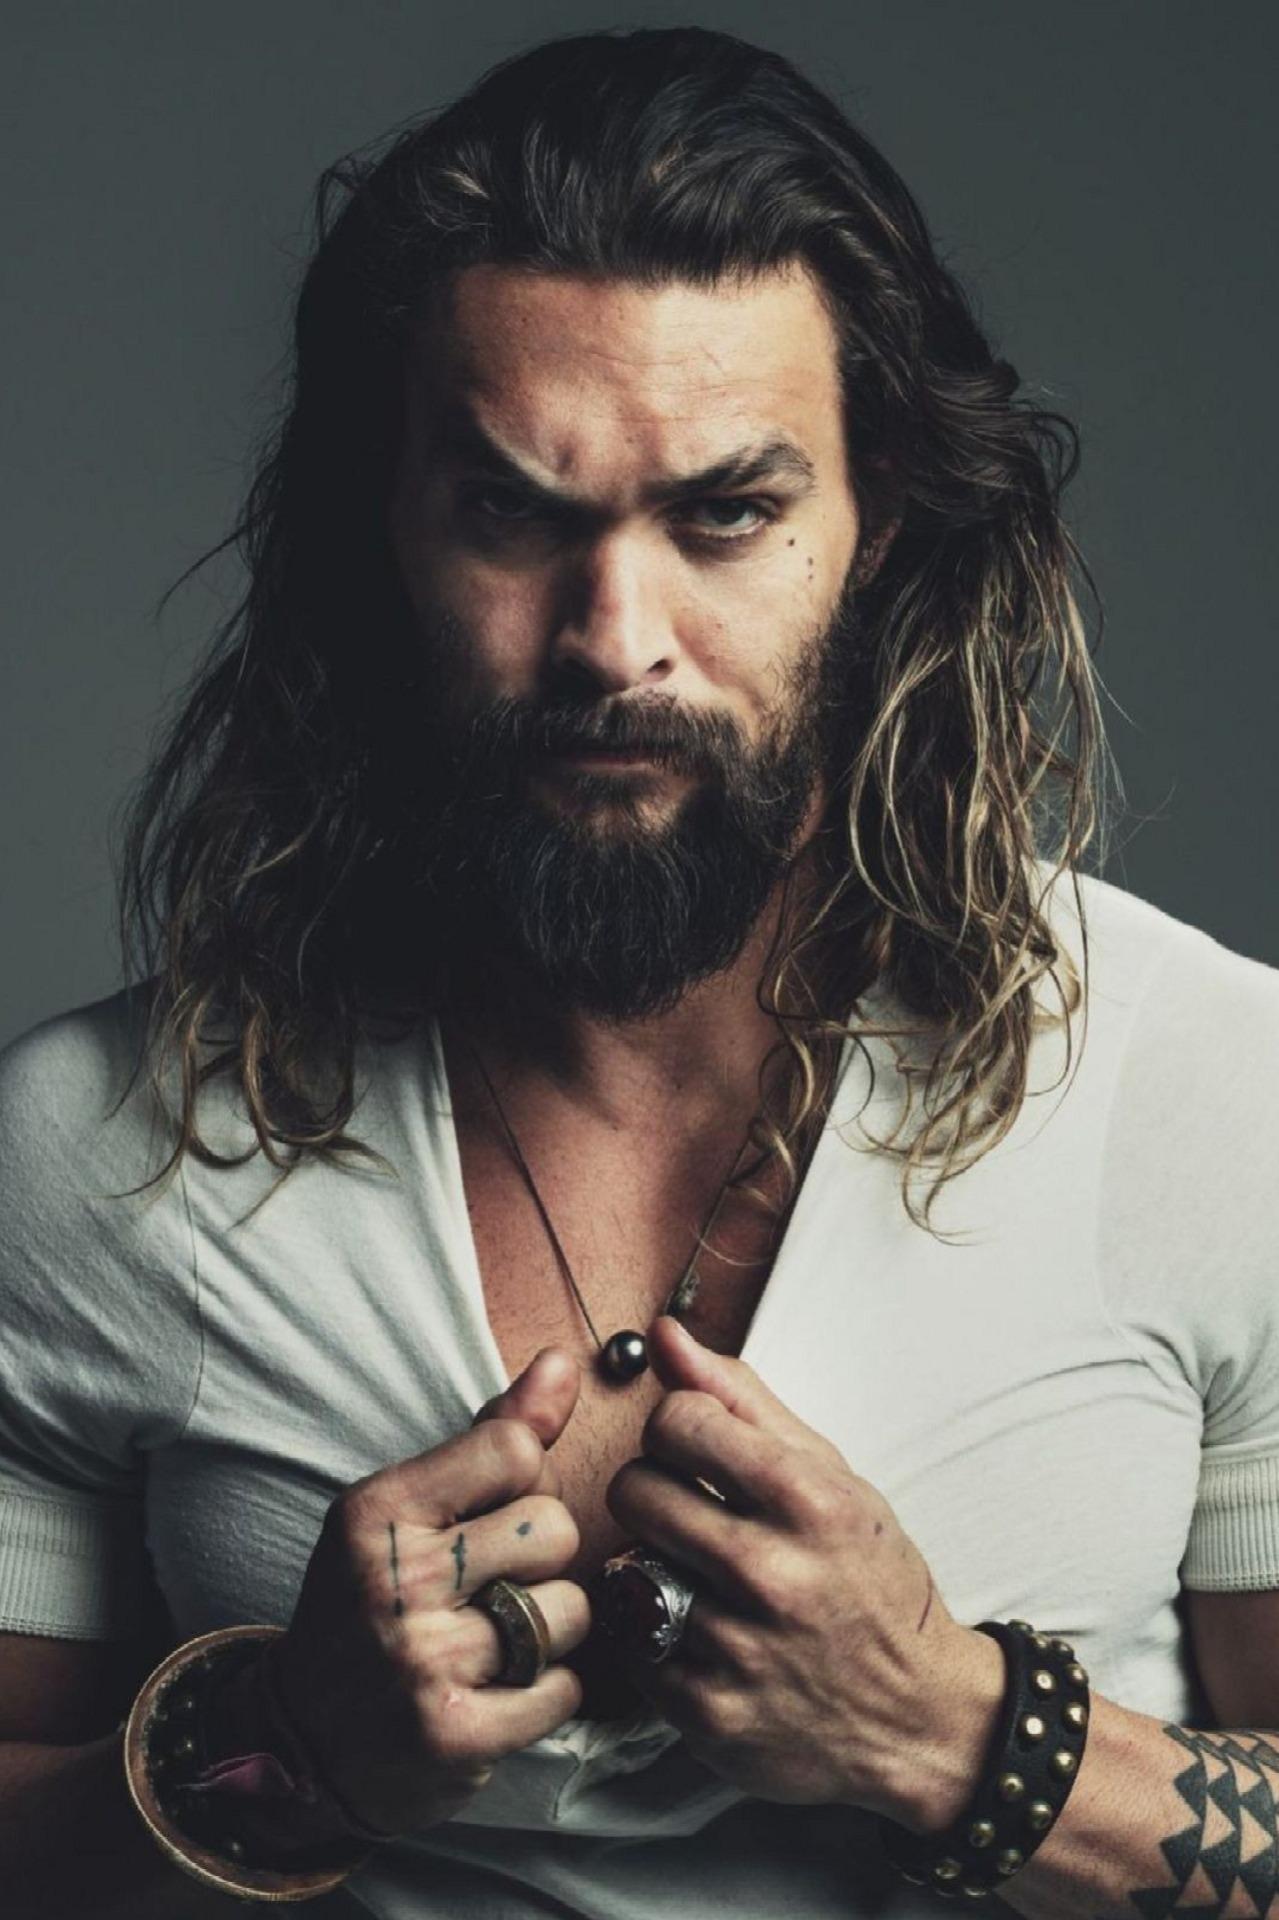 mái tóc dài của diễn viên jason momoa